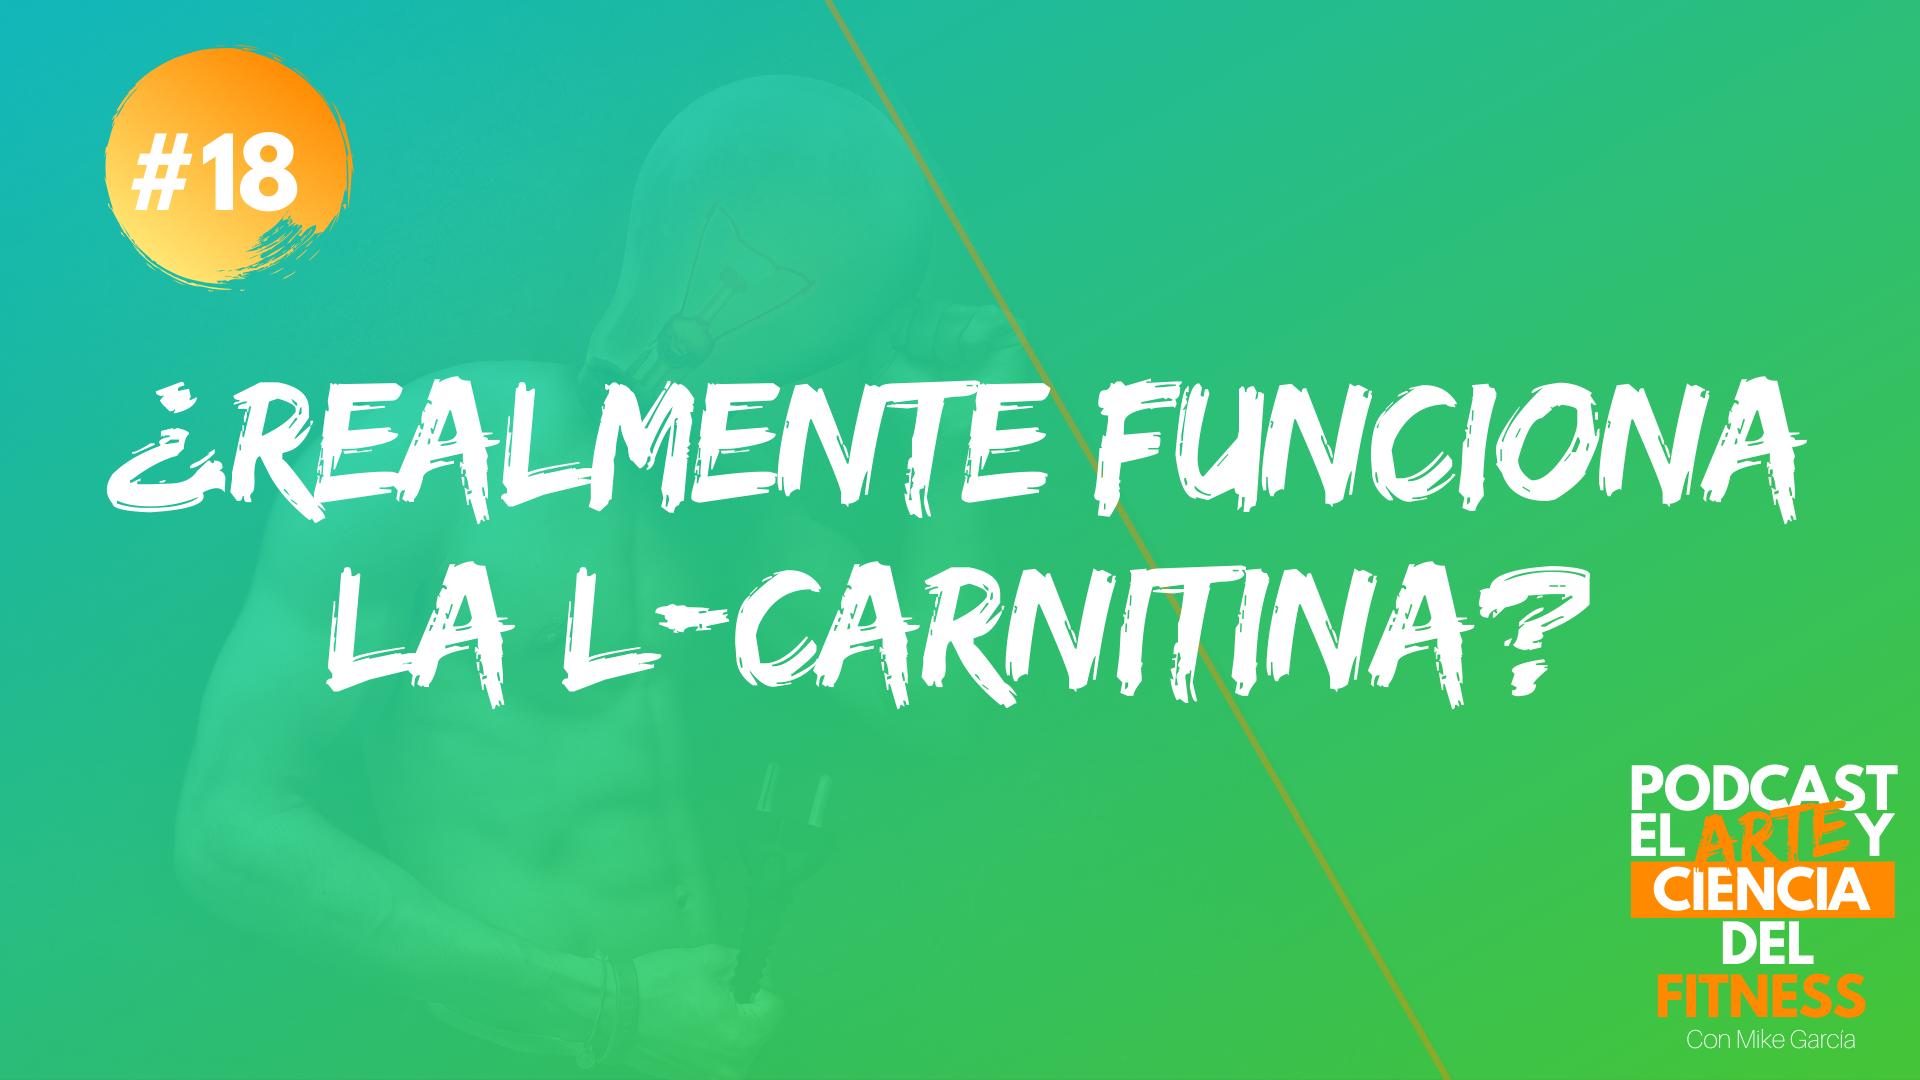 Podcast #18: ¿Realmente Funciona La L-Carnitina?